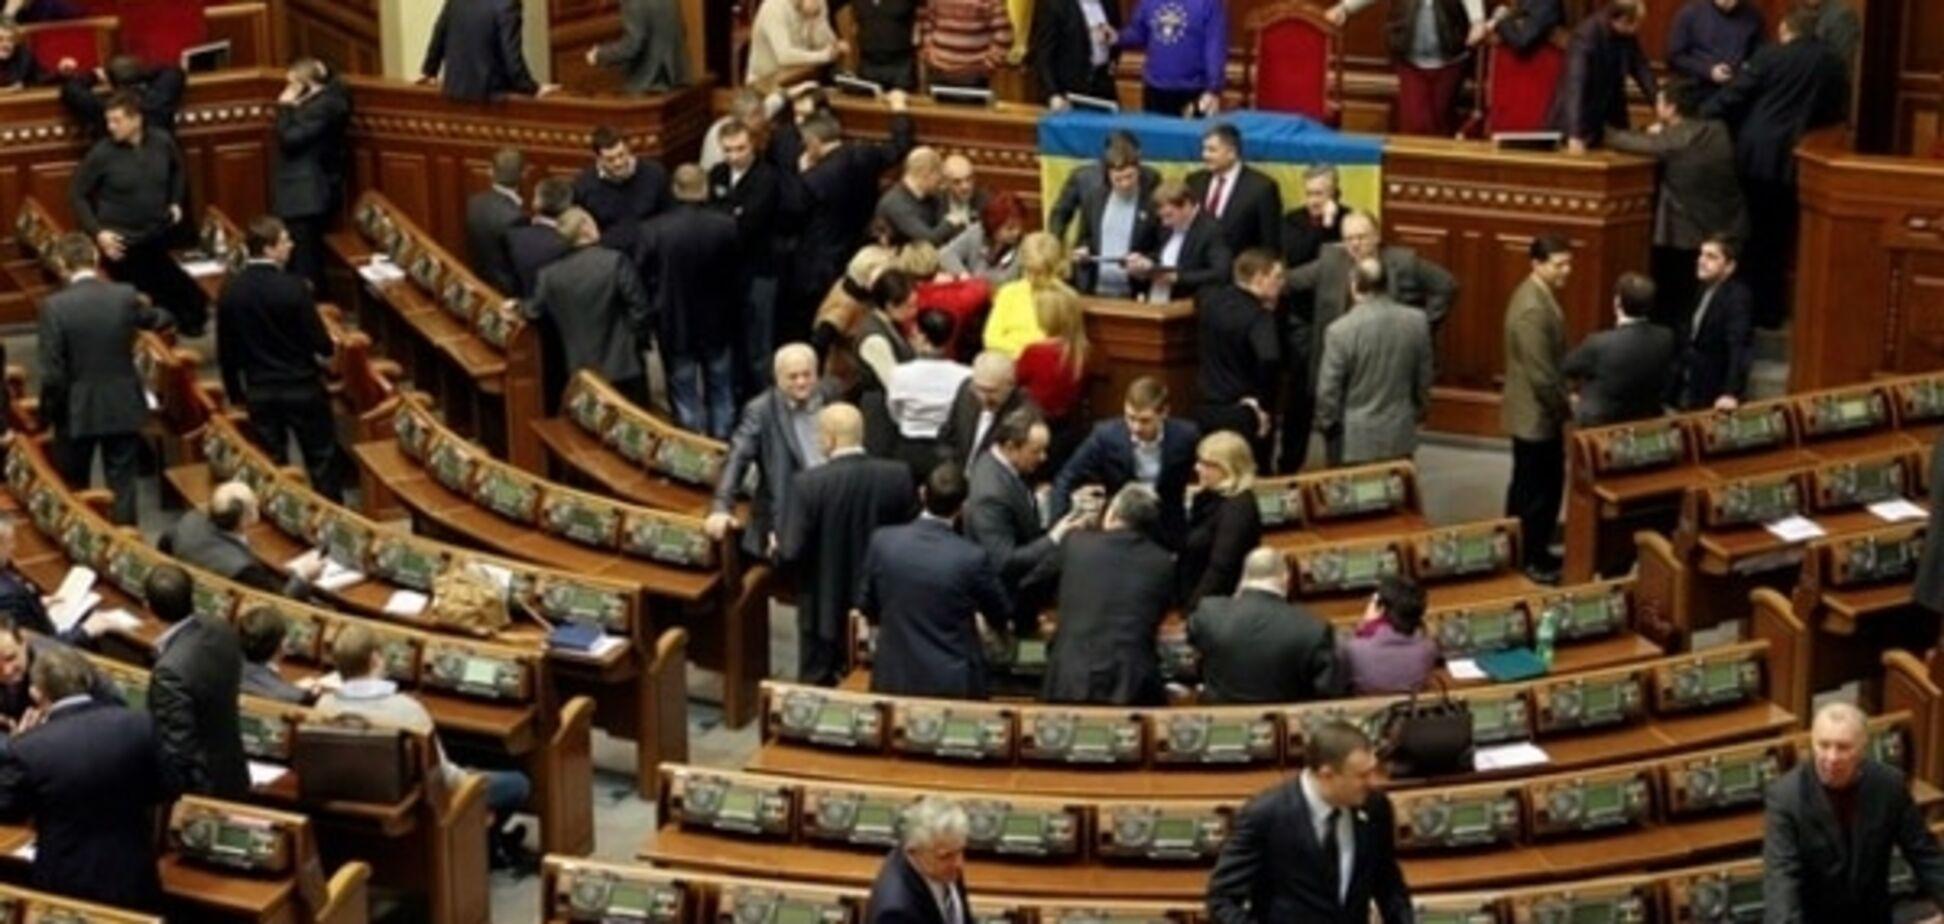 'Слід' Януковича: в ГПУ розслідували, як ухвалювалися 'диктаторські закони' 16 січня